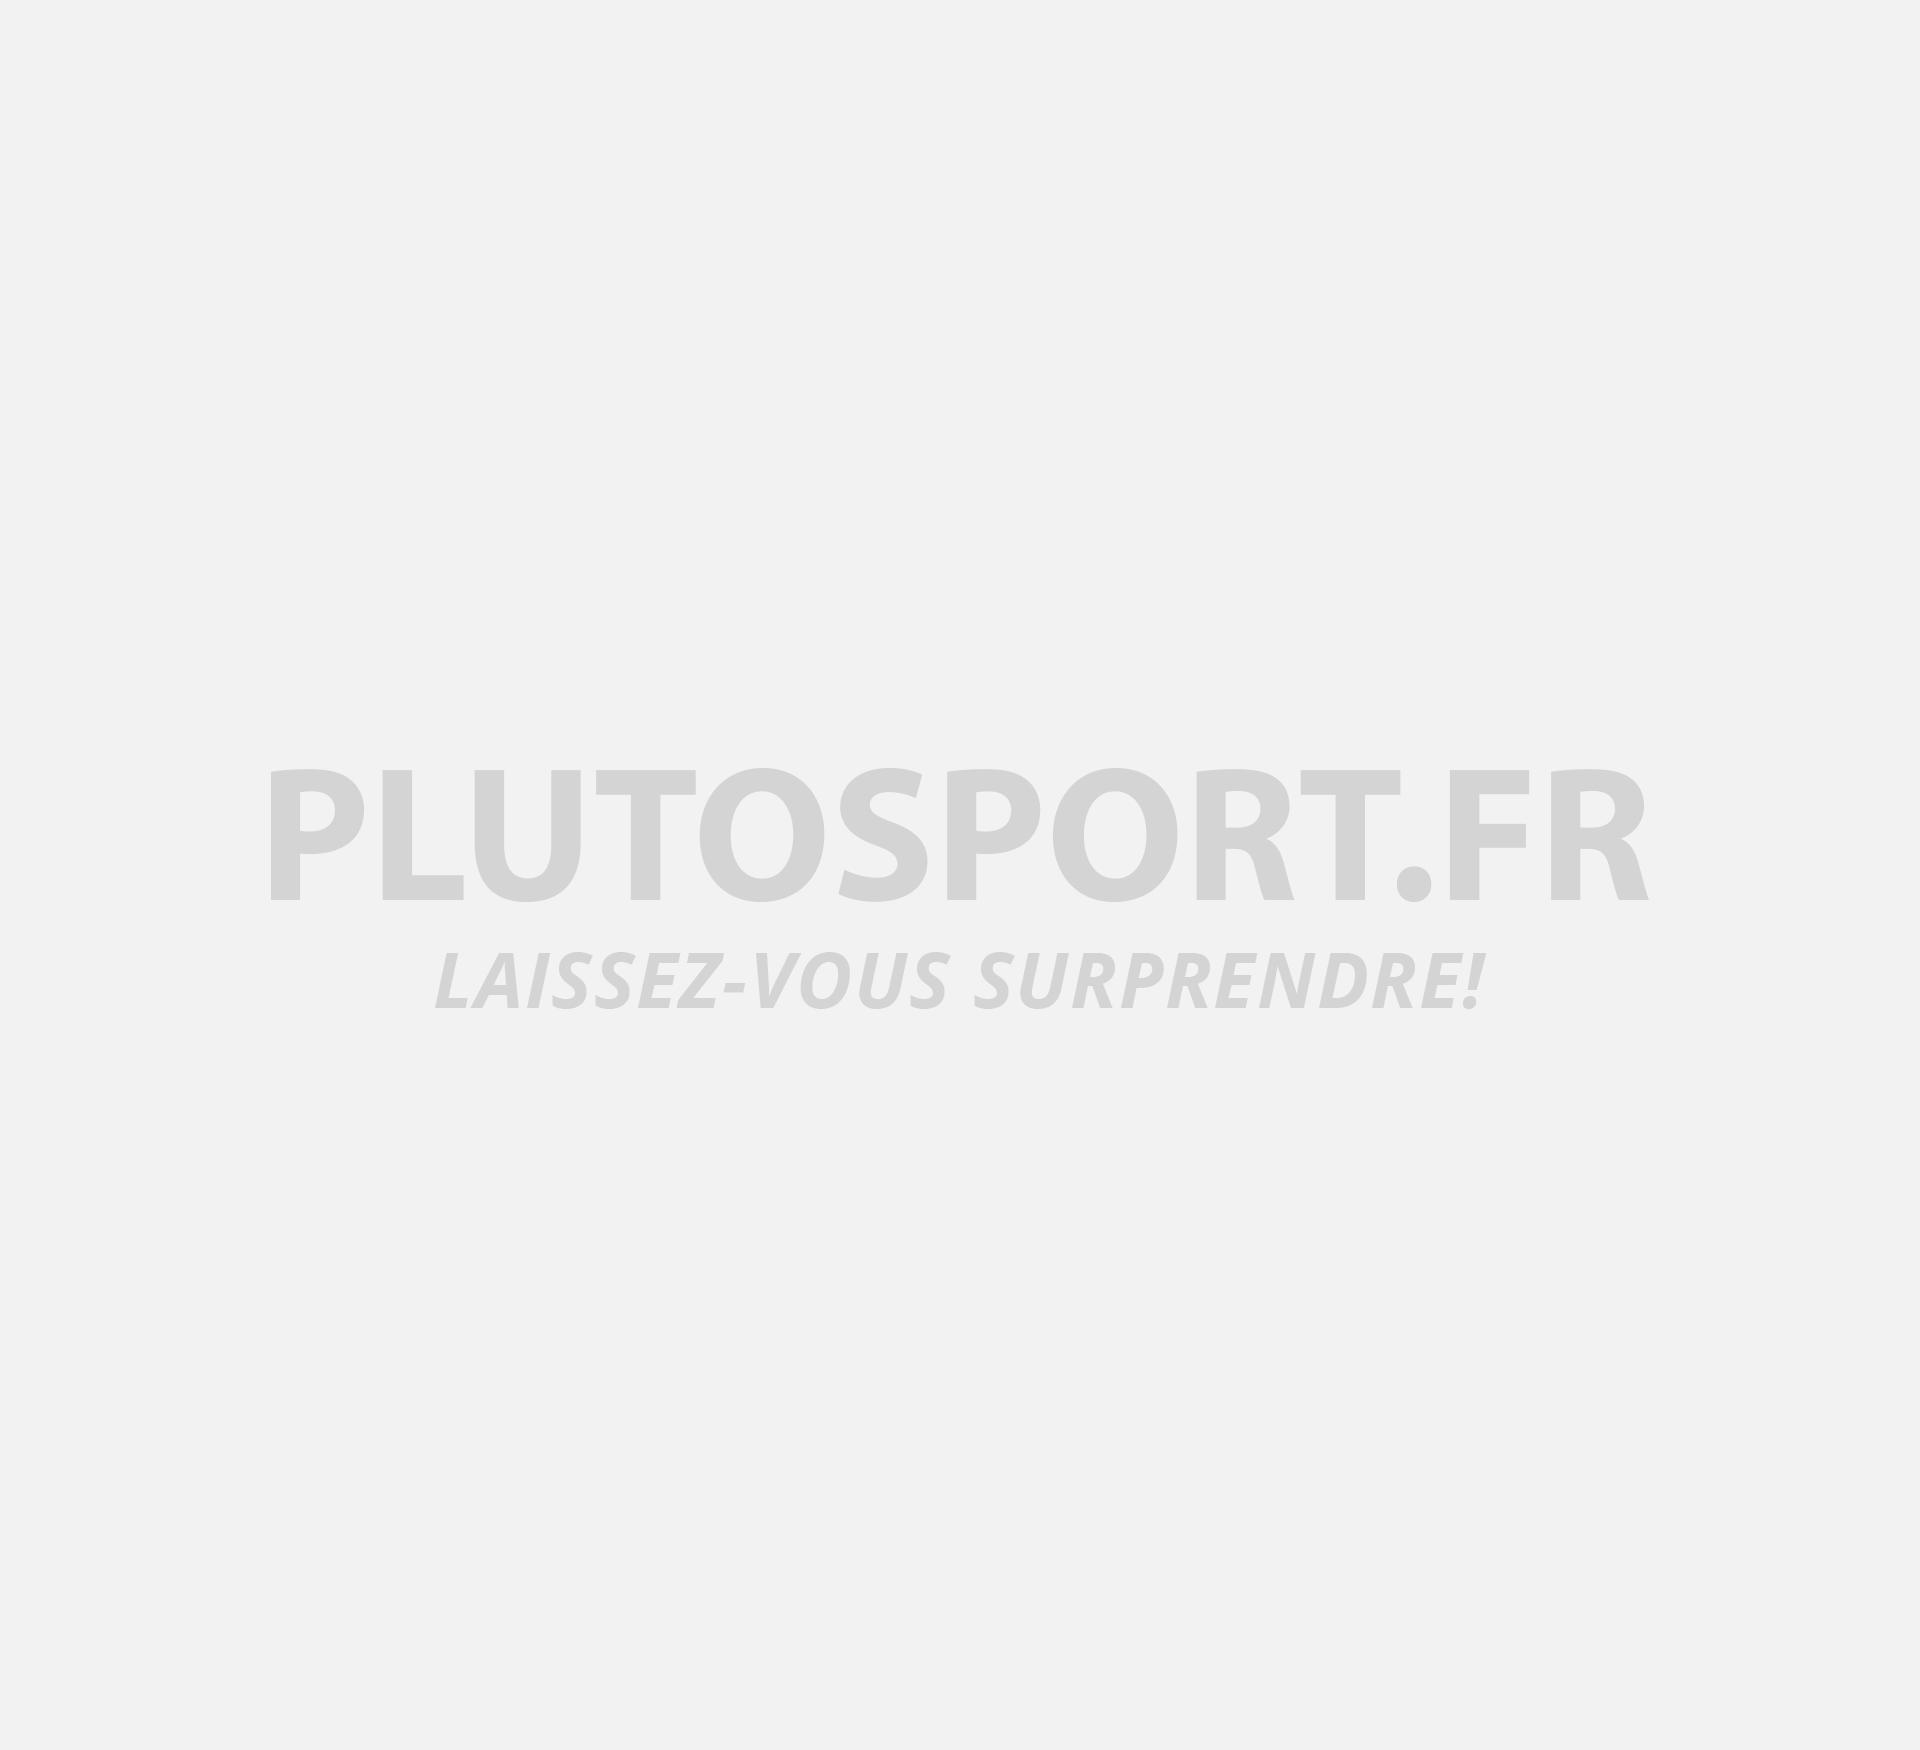 Survêtement Hugo Boss Set 2 Cotton-Blend pour Hommes